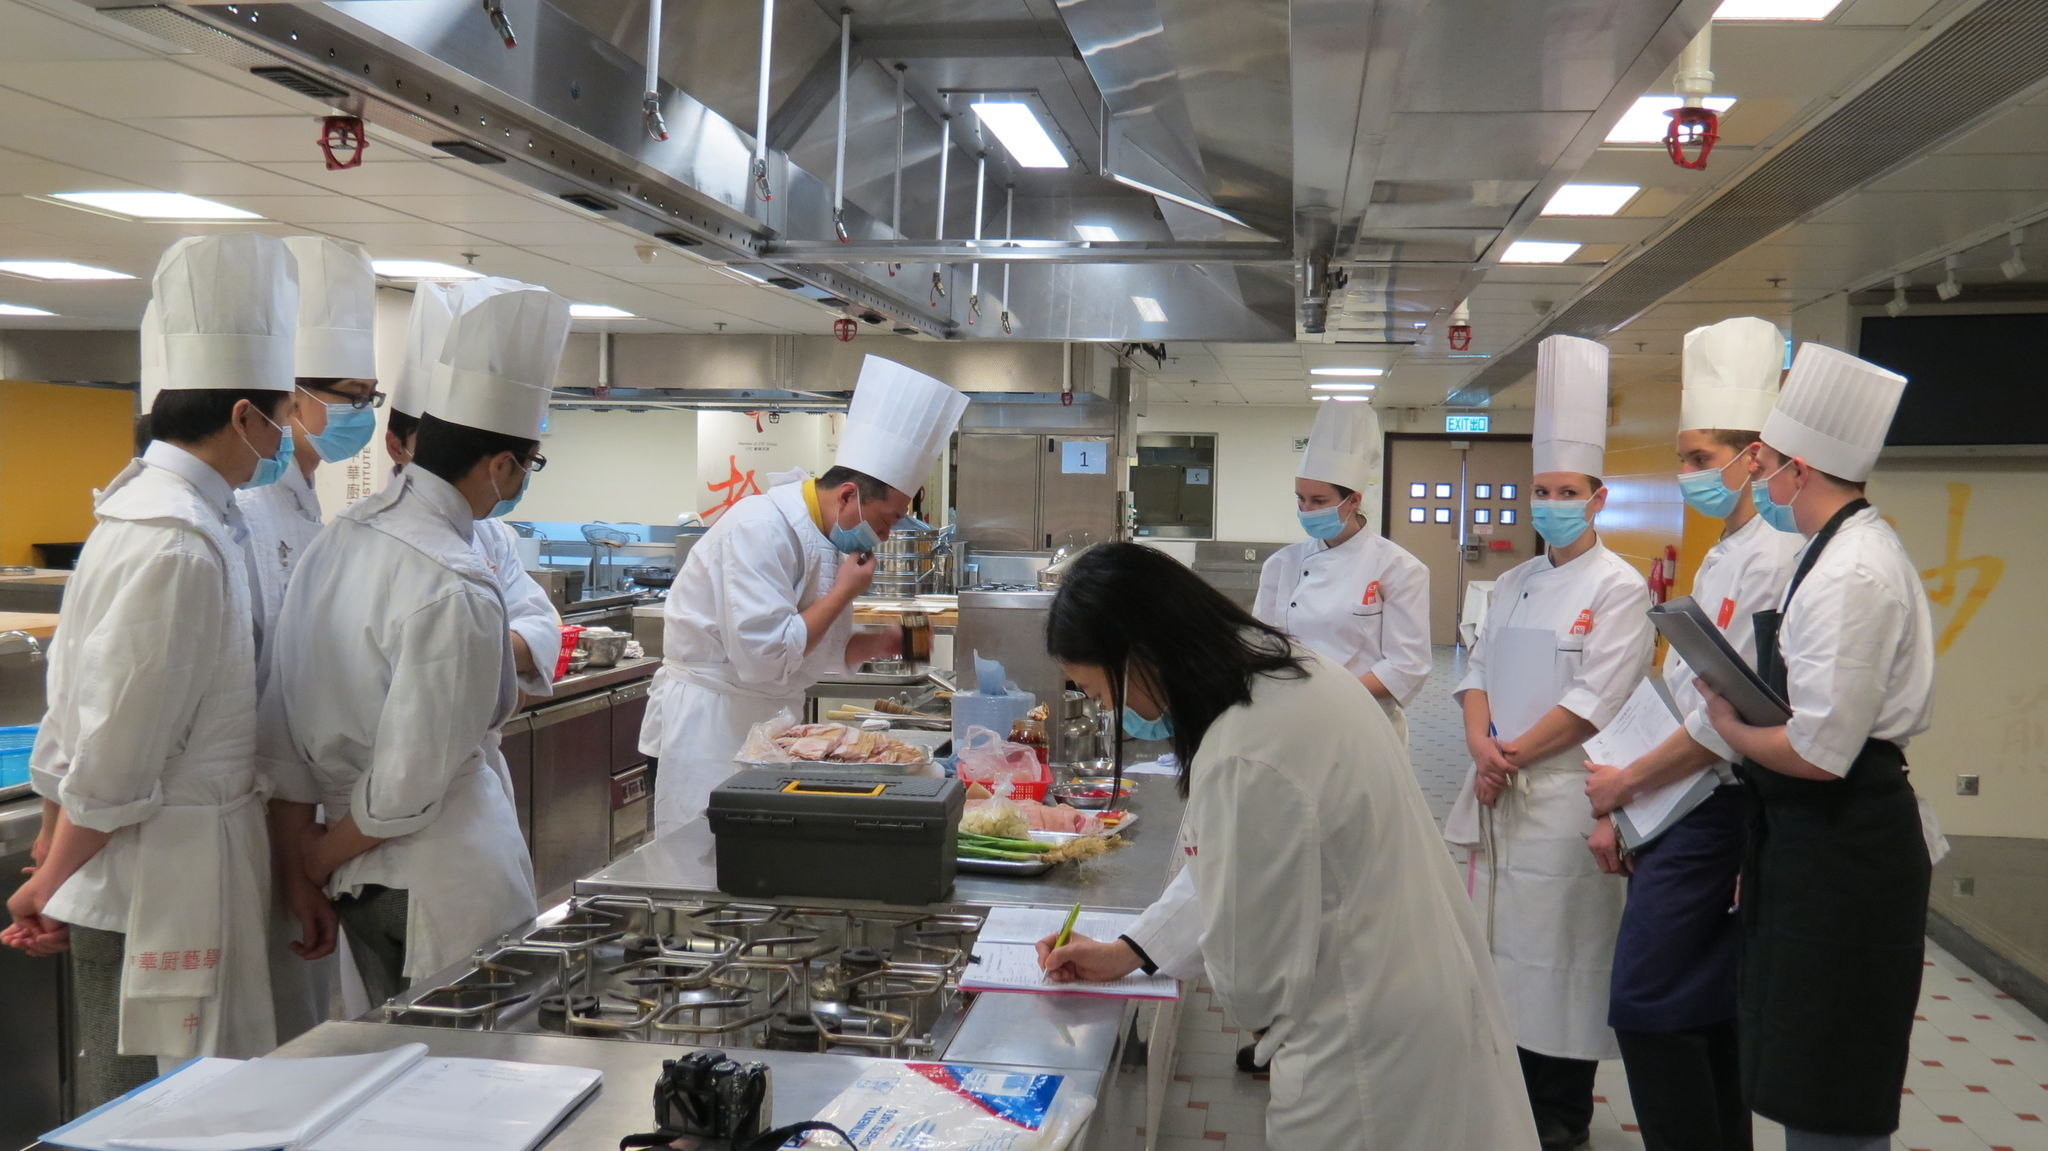 Lundi 25 f vrier 2013 1 re journ e de tp en cuisine et - Restaurant corte cauchemar en cuisine ...